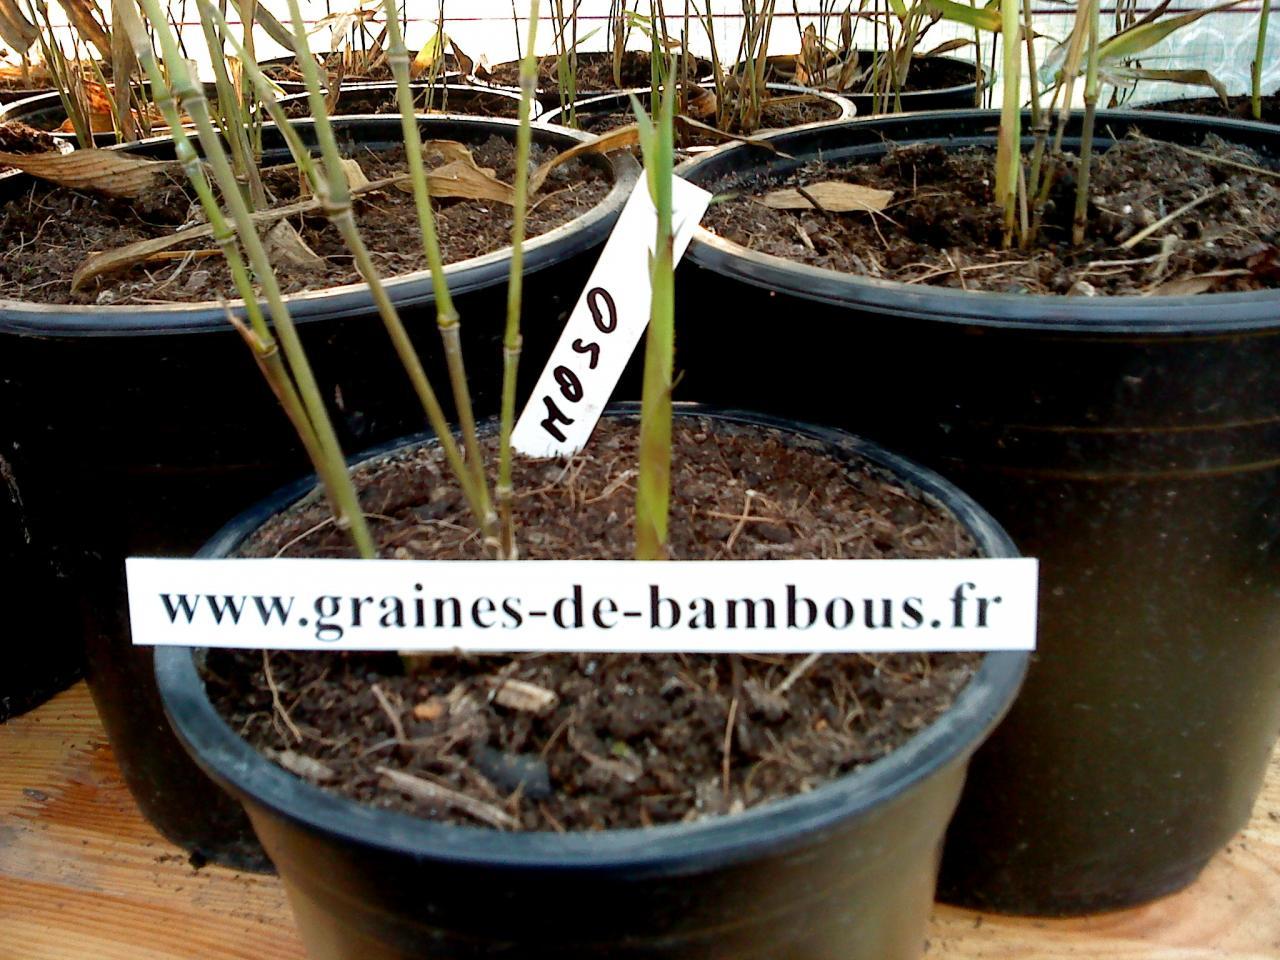 Comment Faire Pousser Bambou nos bambous issus de semis graines-de-bambous.fr